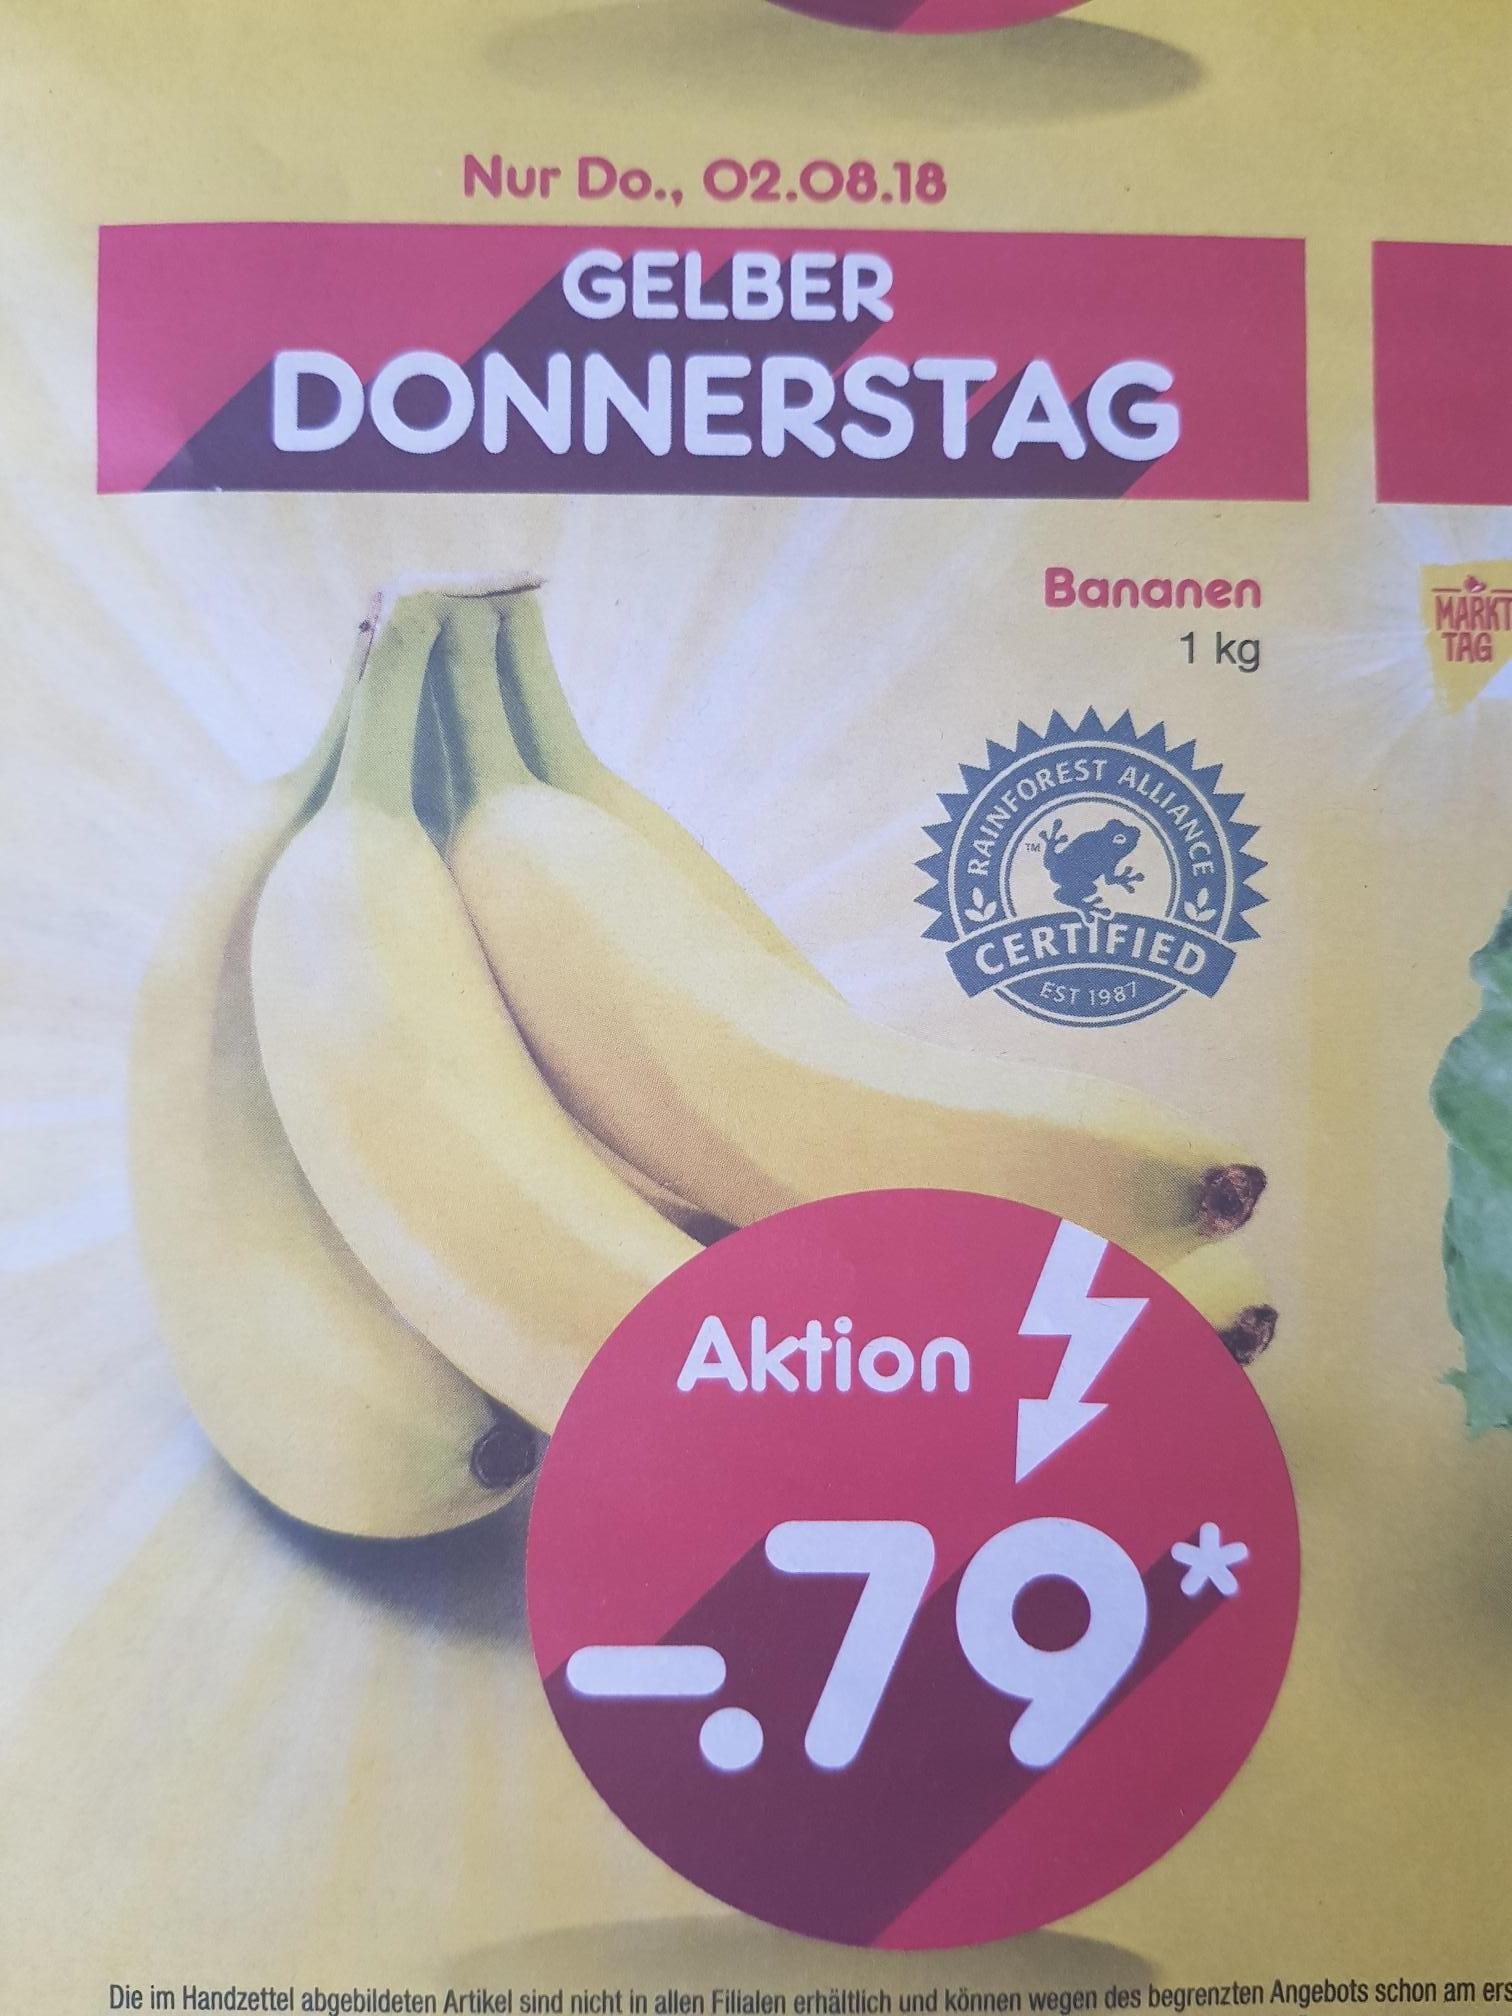 [Netto lokal RLP]Am 02.08. 1kg Bananen bei netto für 0,79 €, weitere Angebote im Text![ohne Hund]